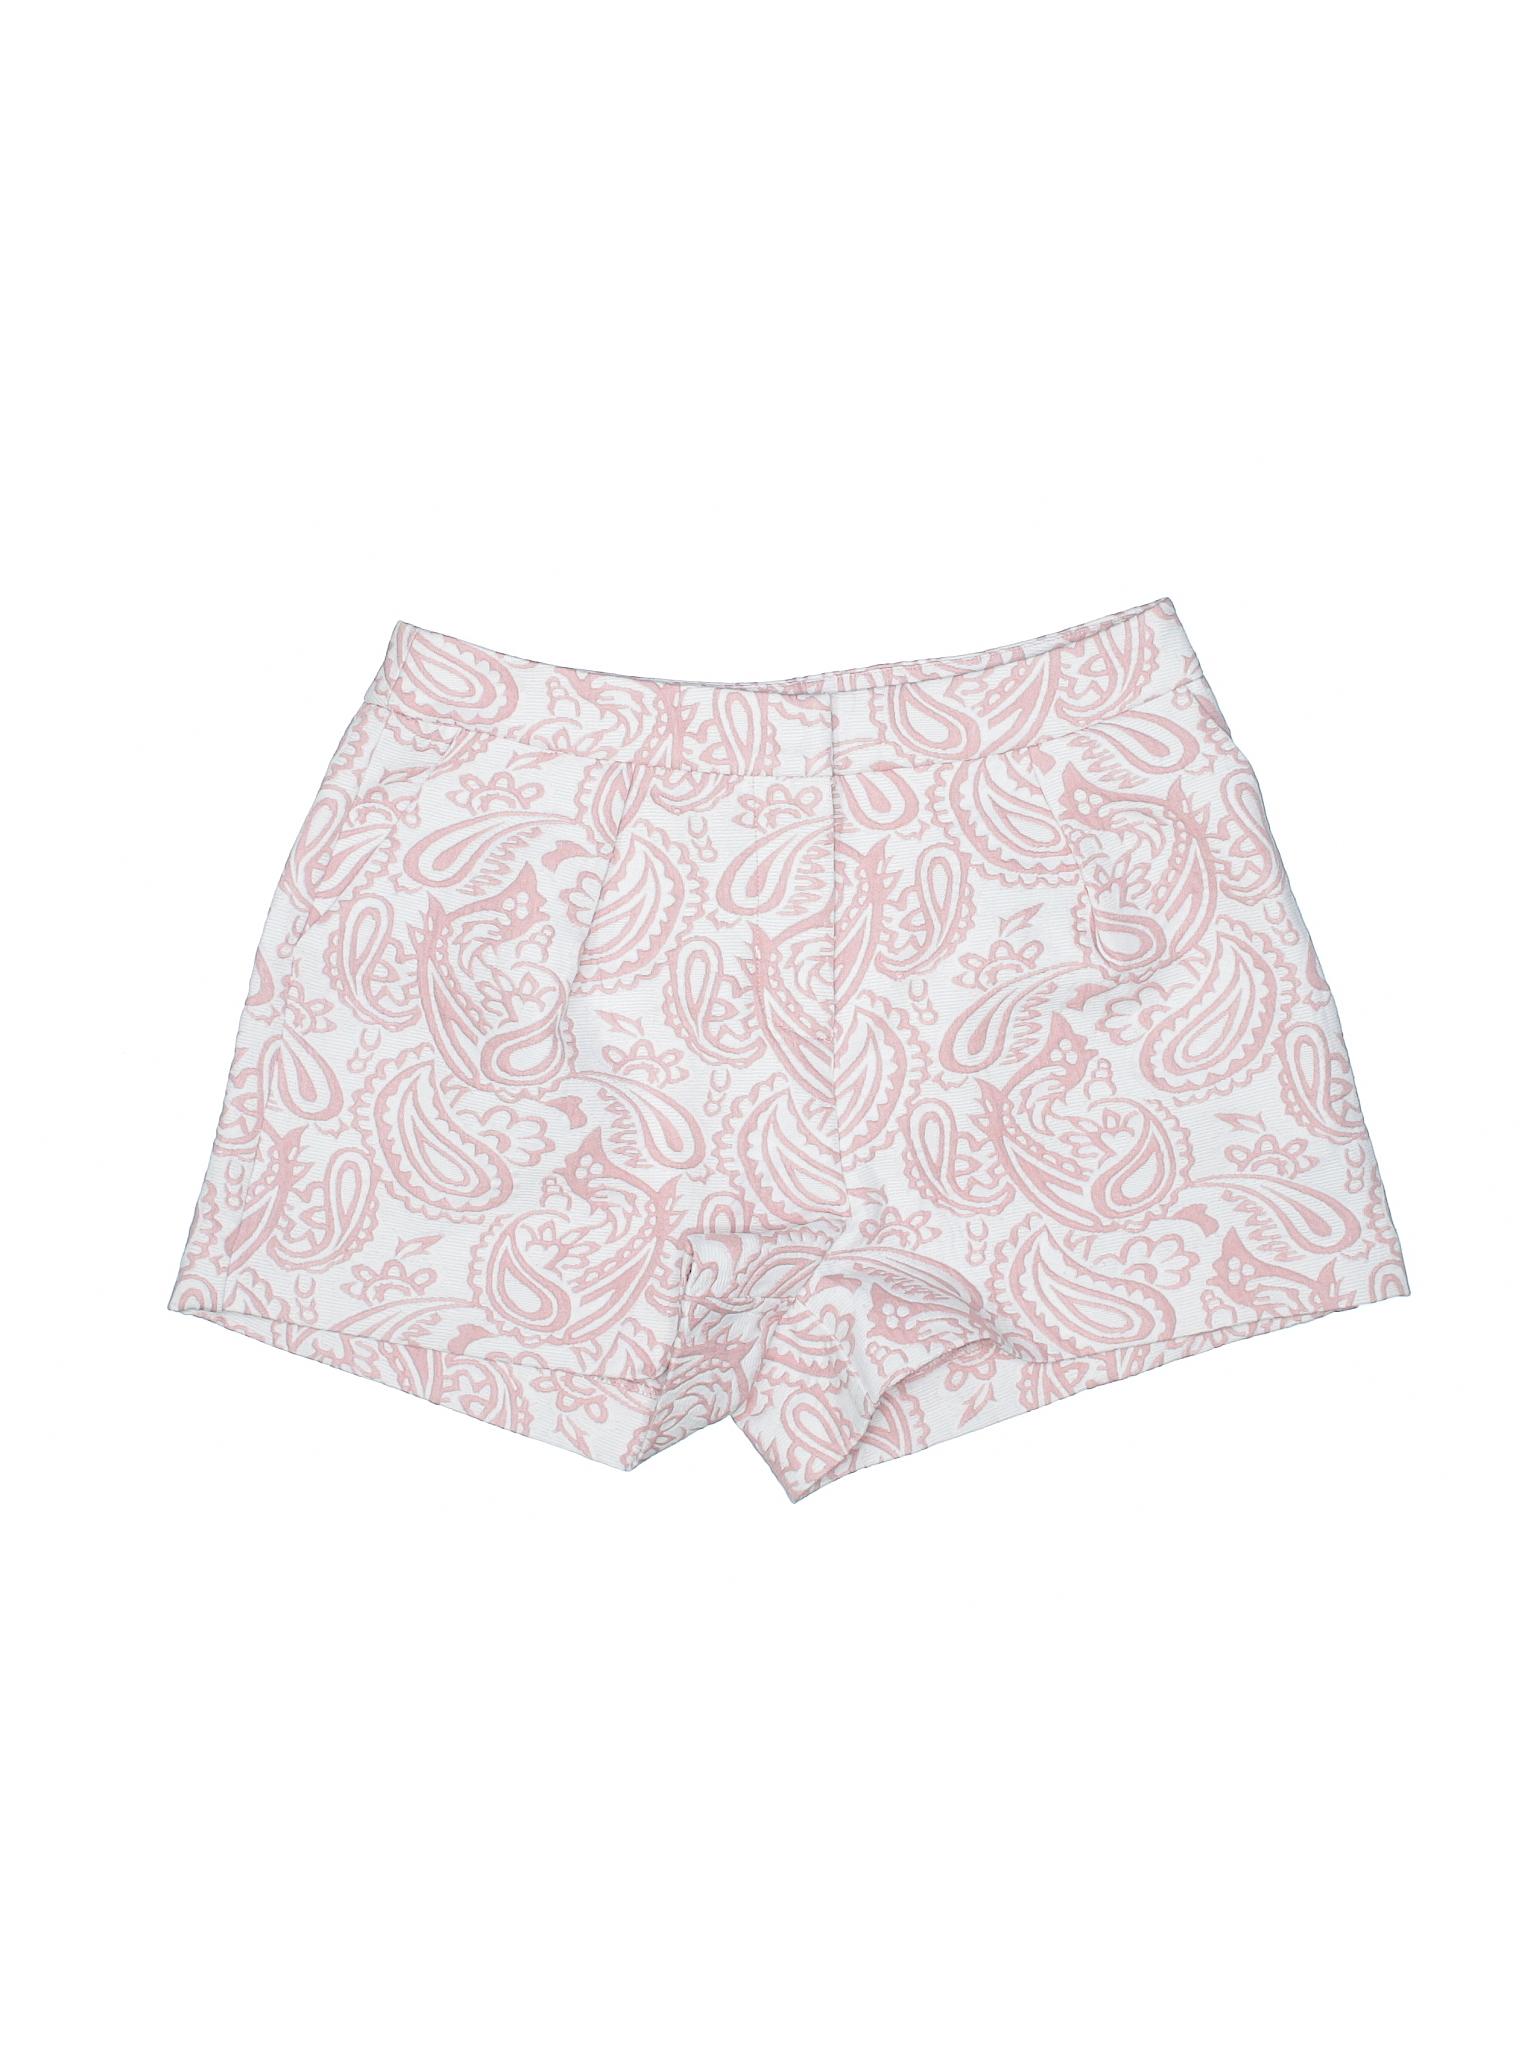 Shorts Boutique Dressy Target for Beckham Victoria vXTvq